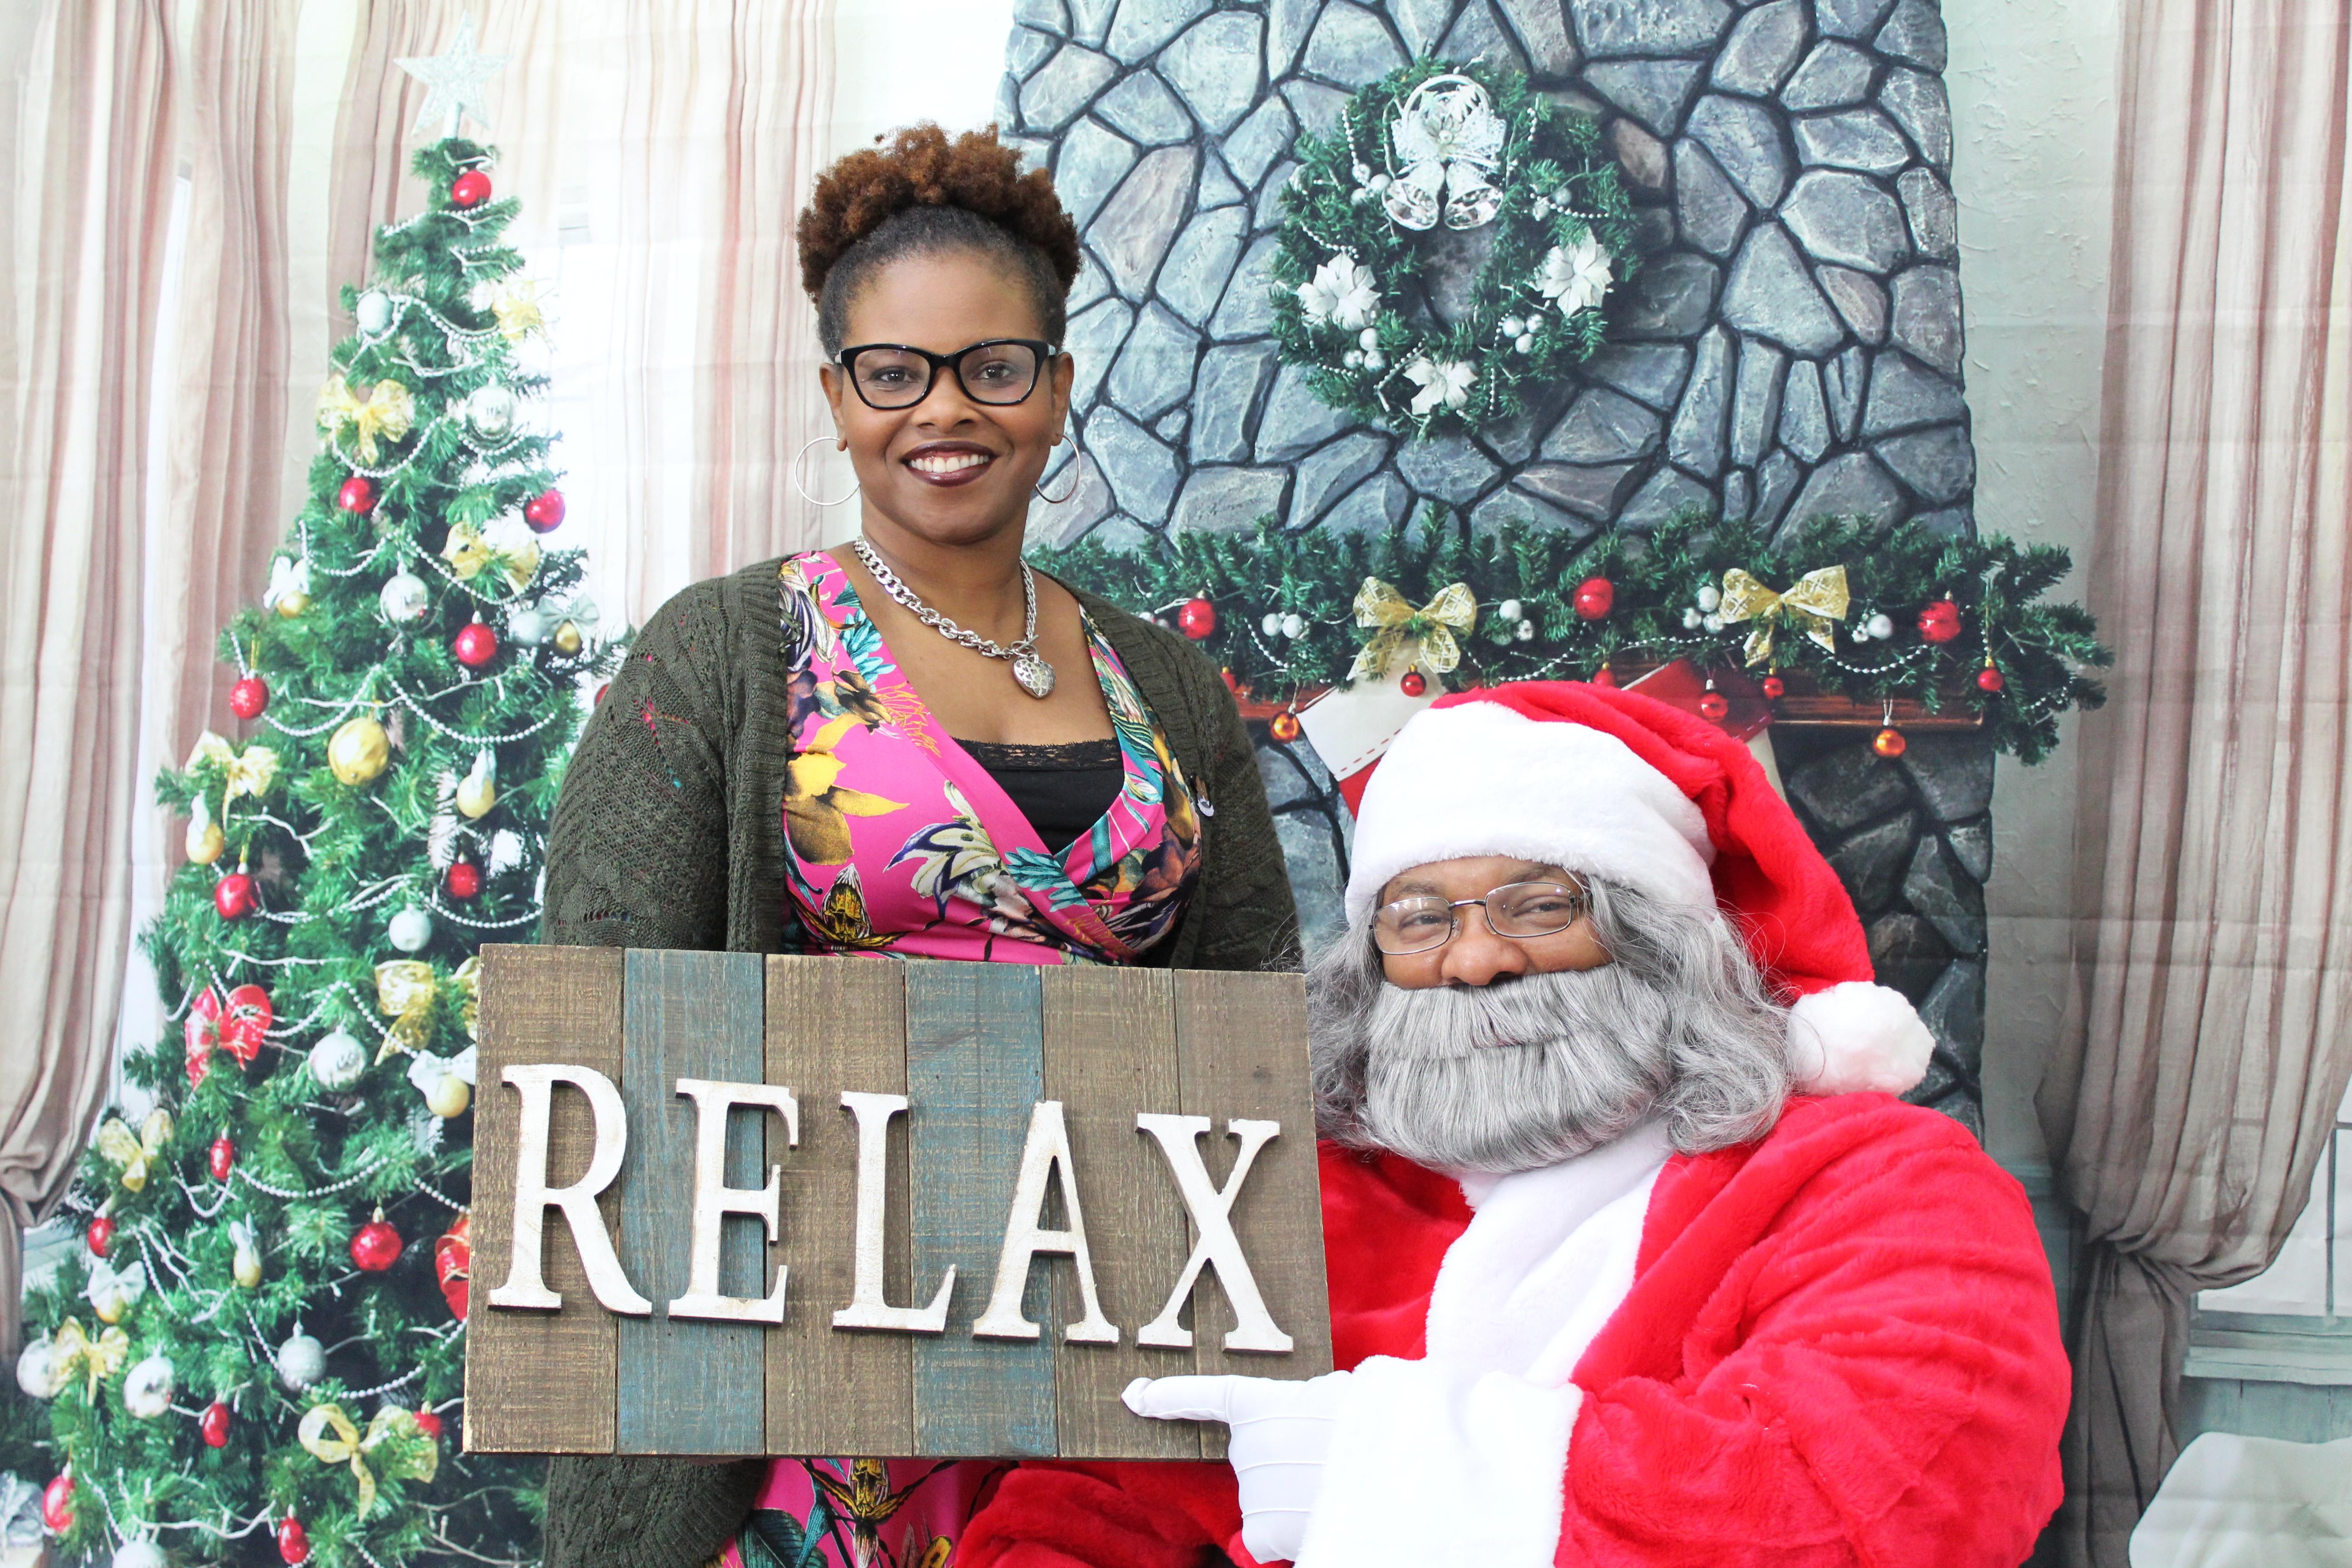 Kenisha and Santa